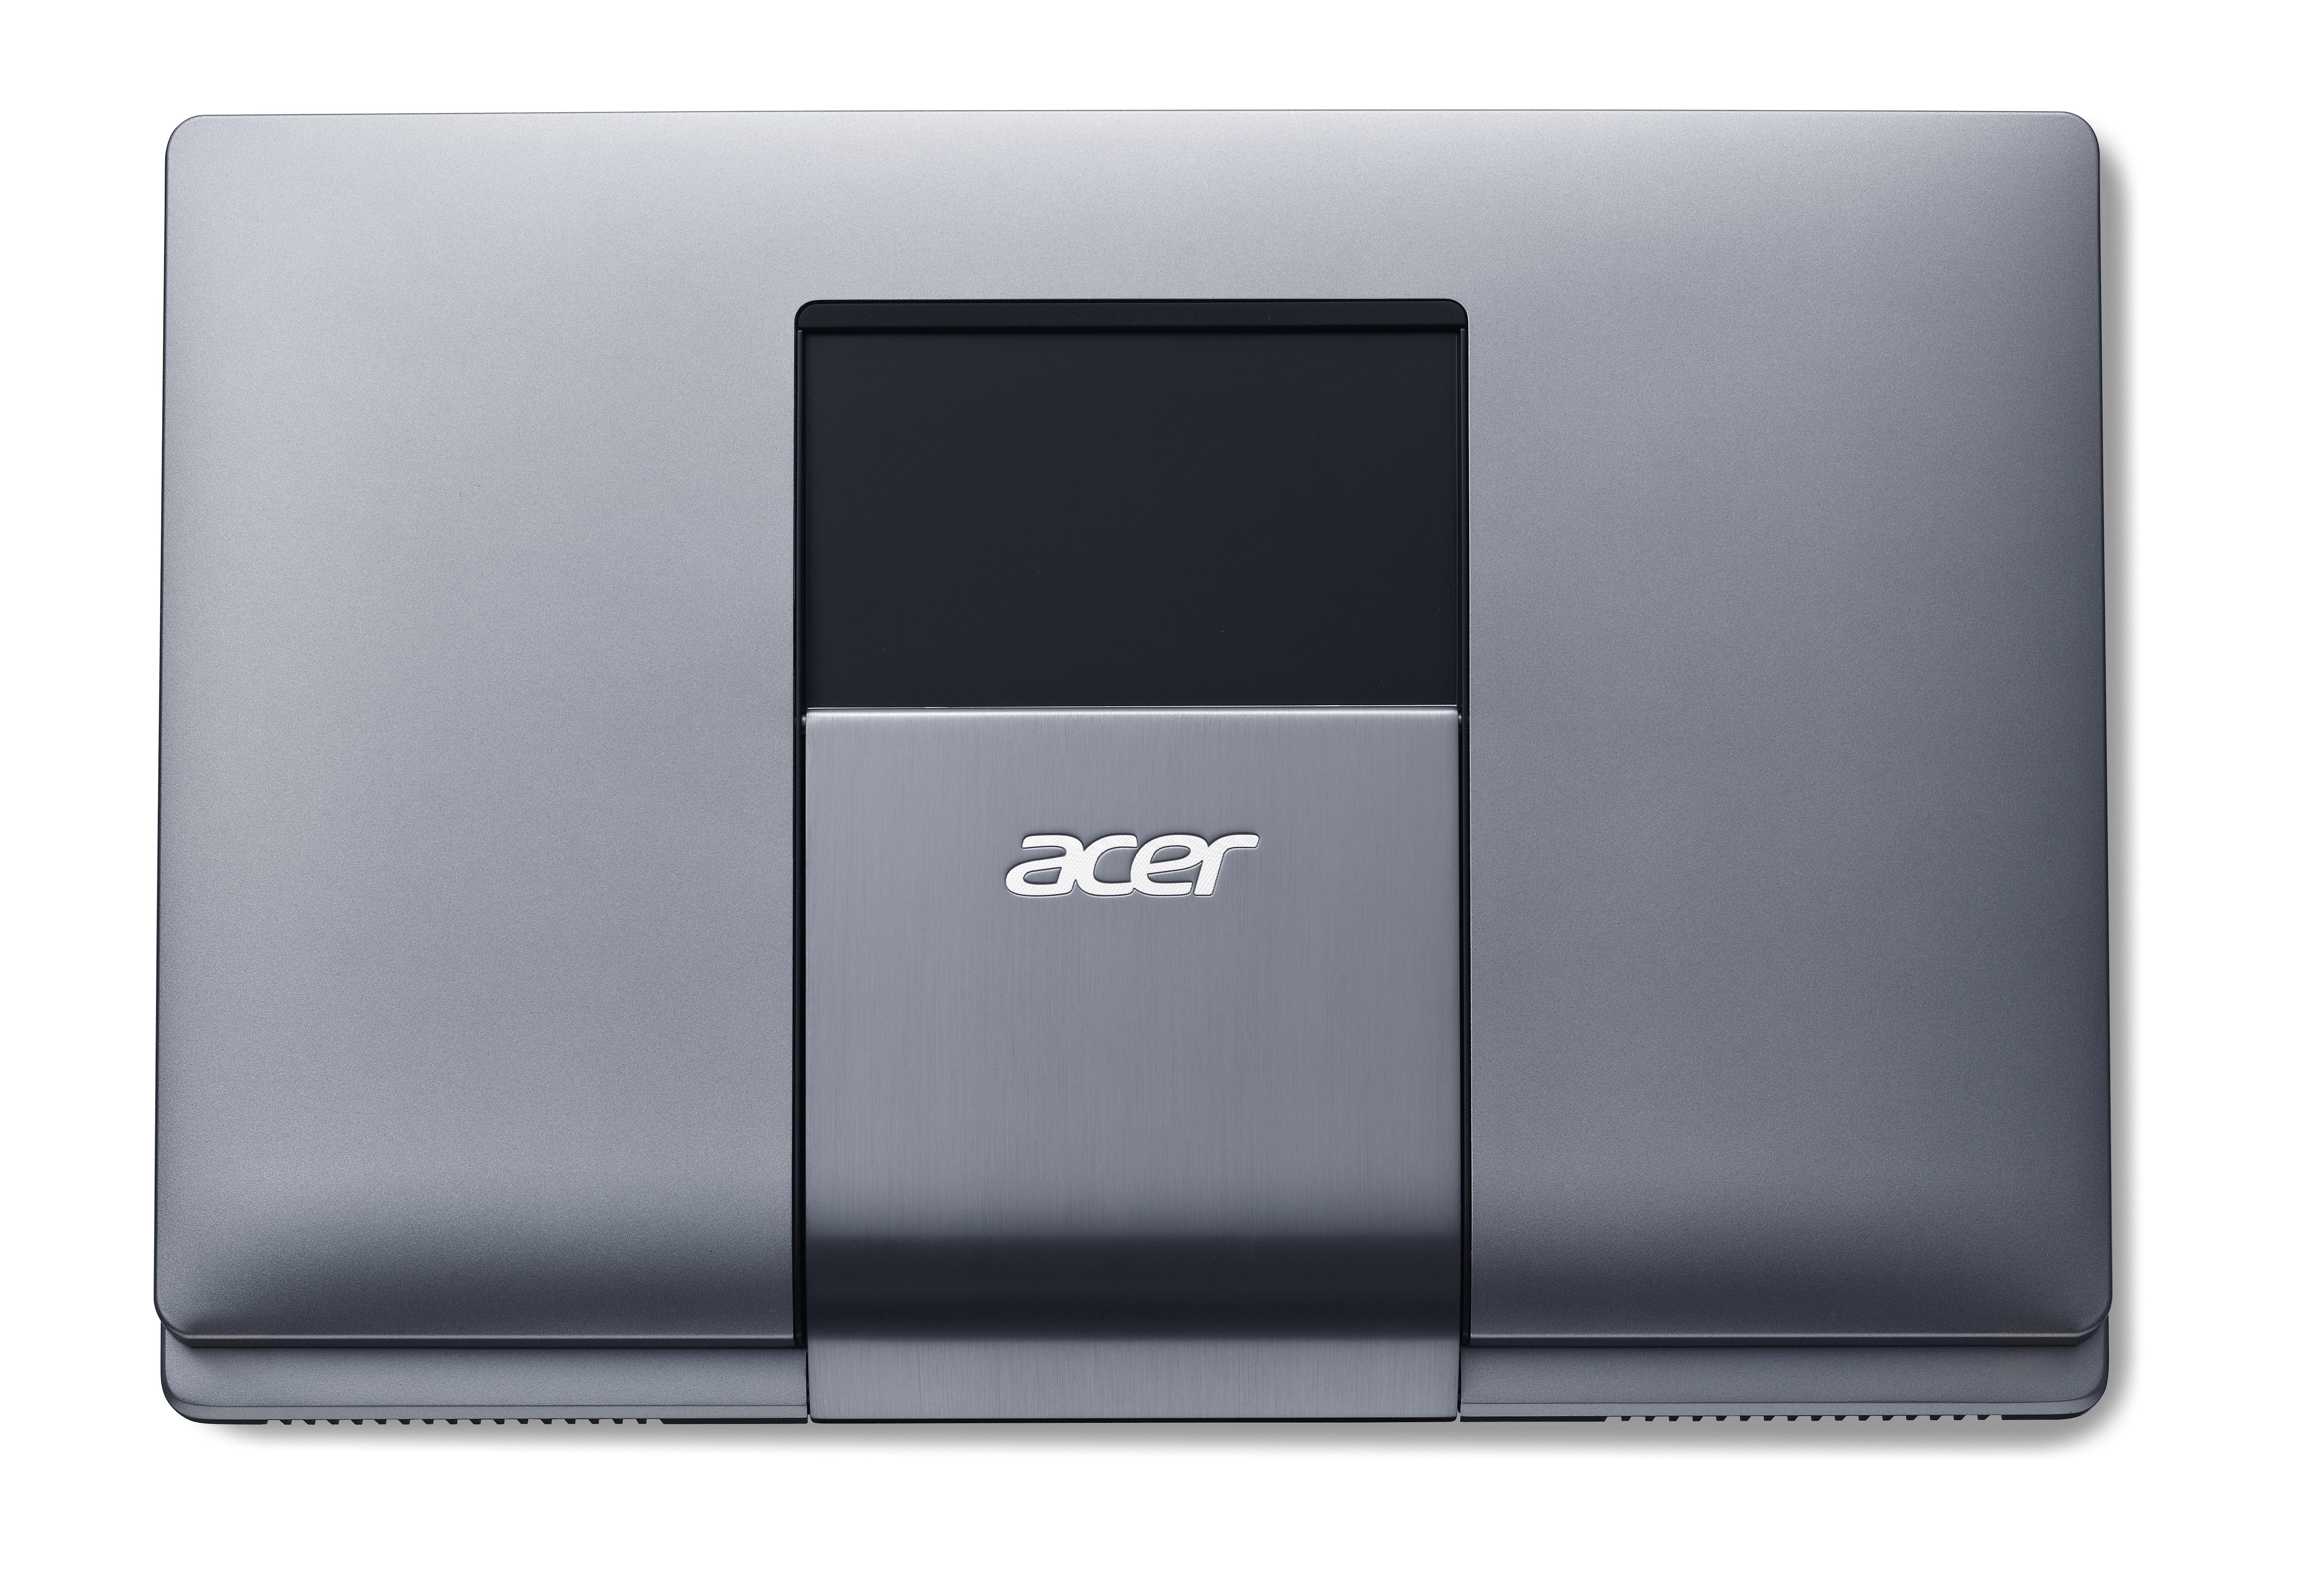 Prise en main des Acer Aspire R7 et Iconia W3 1